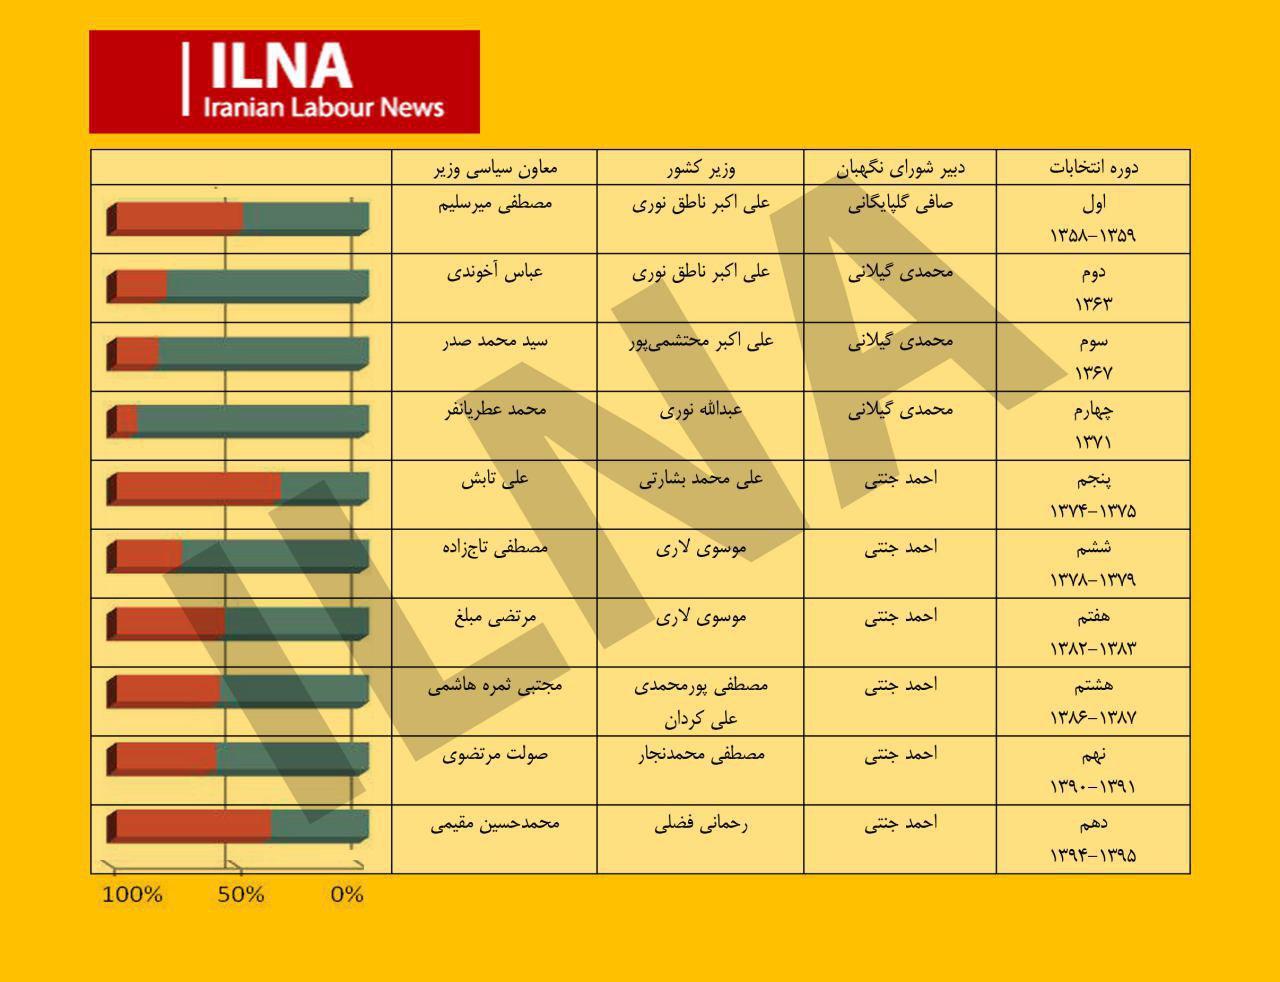 رد صلاحیتهای شورای نگهبان در ادوار مختلف (+جدول و نمودار)